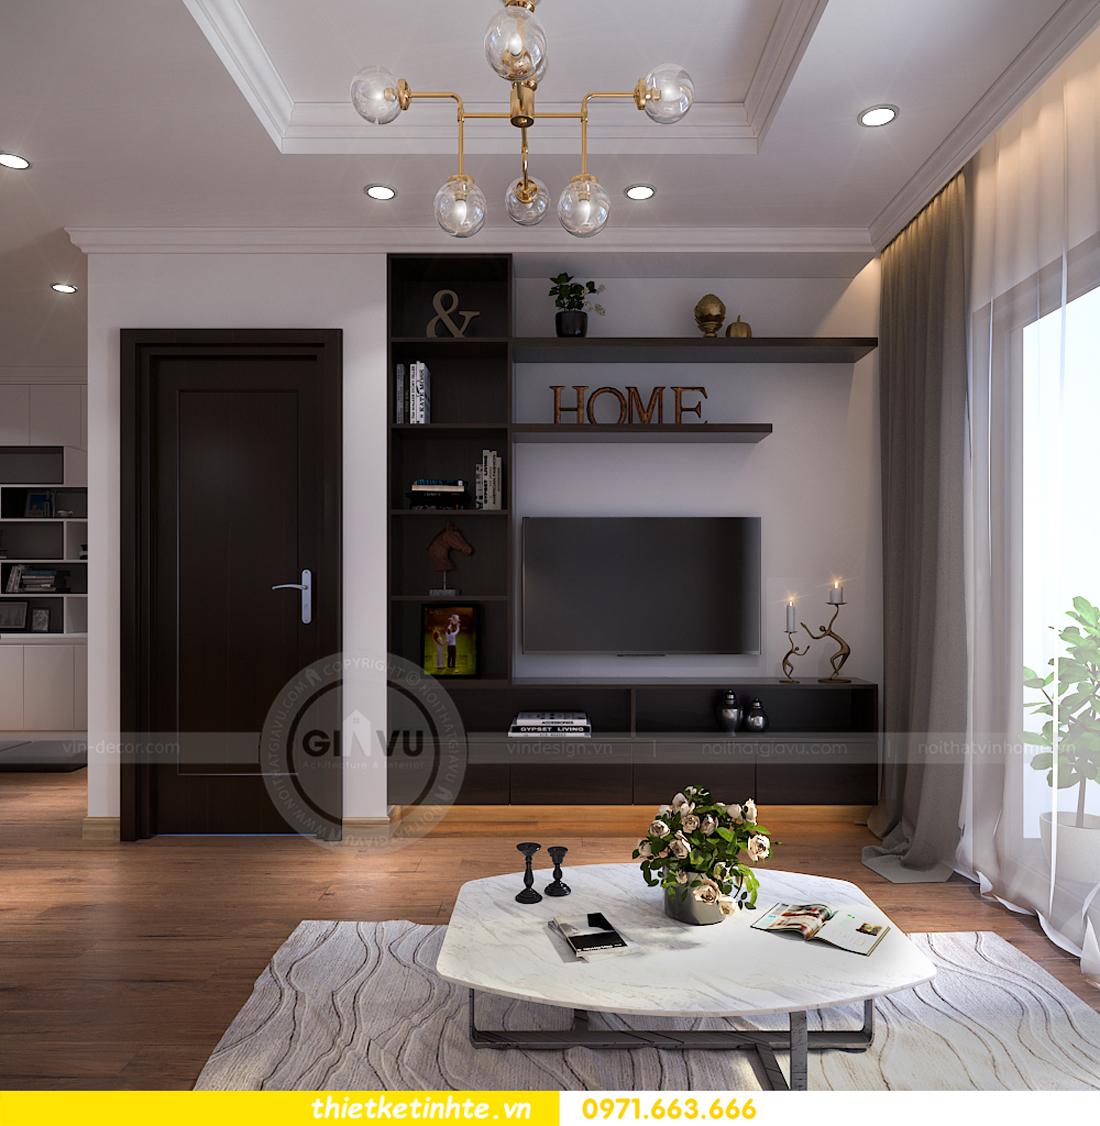 thiết kế nội thất chung cư Vinhomes Sky Lake Phạm Hùng 02